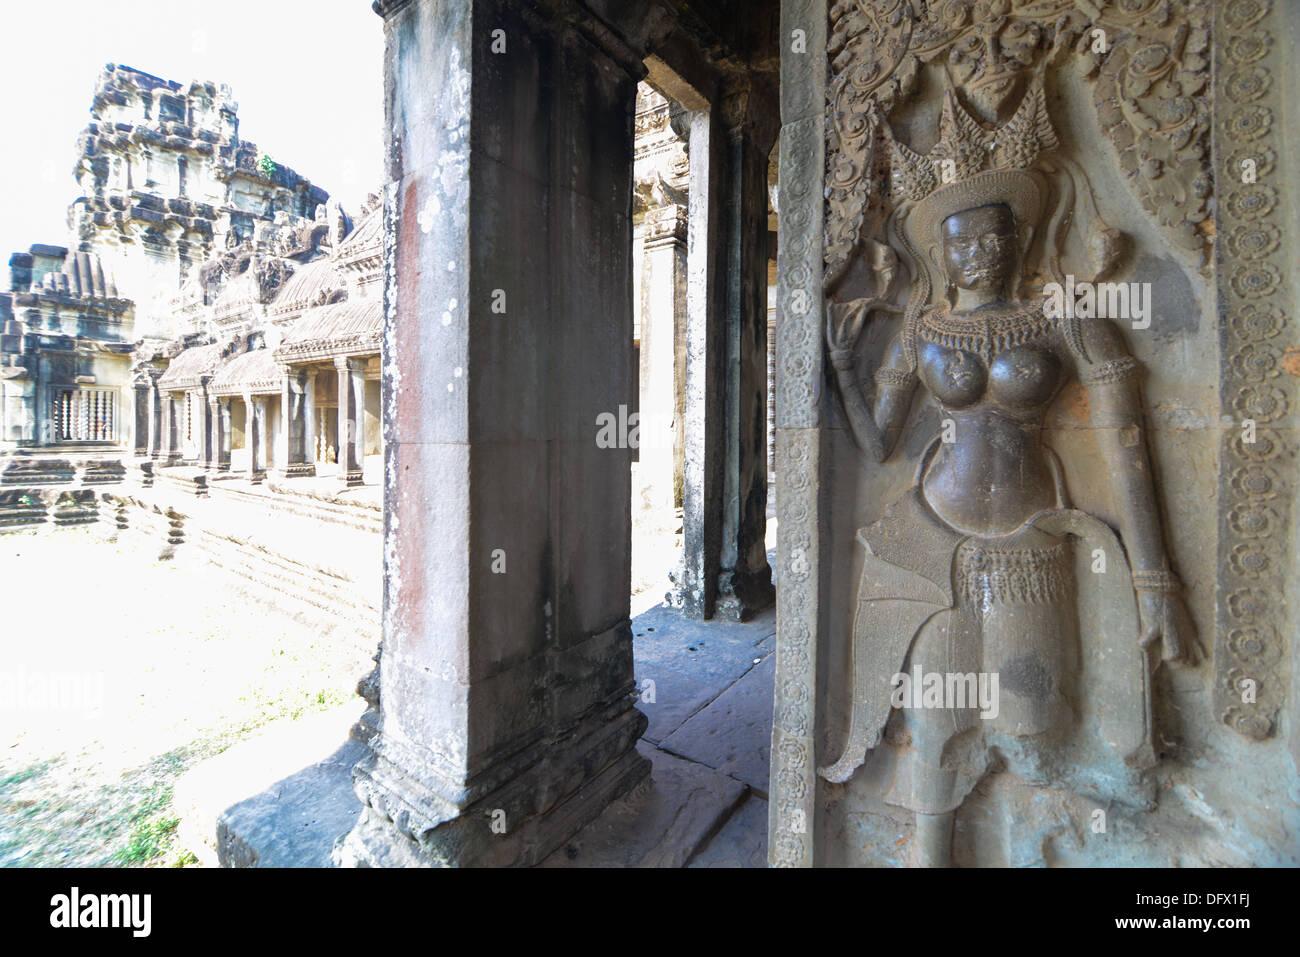 The corridor near apsara Relief statue in Cambodia Angkor Wat, Cambodia Stock Photo